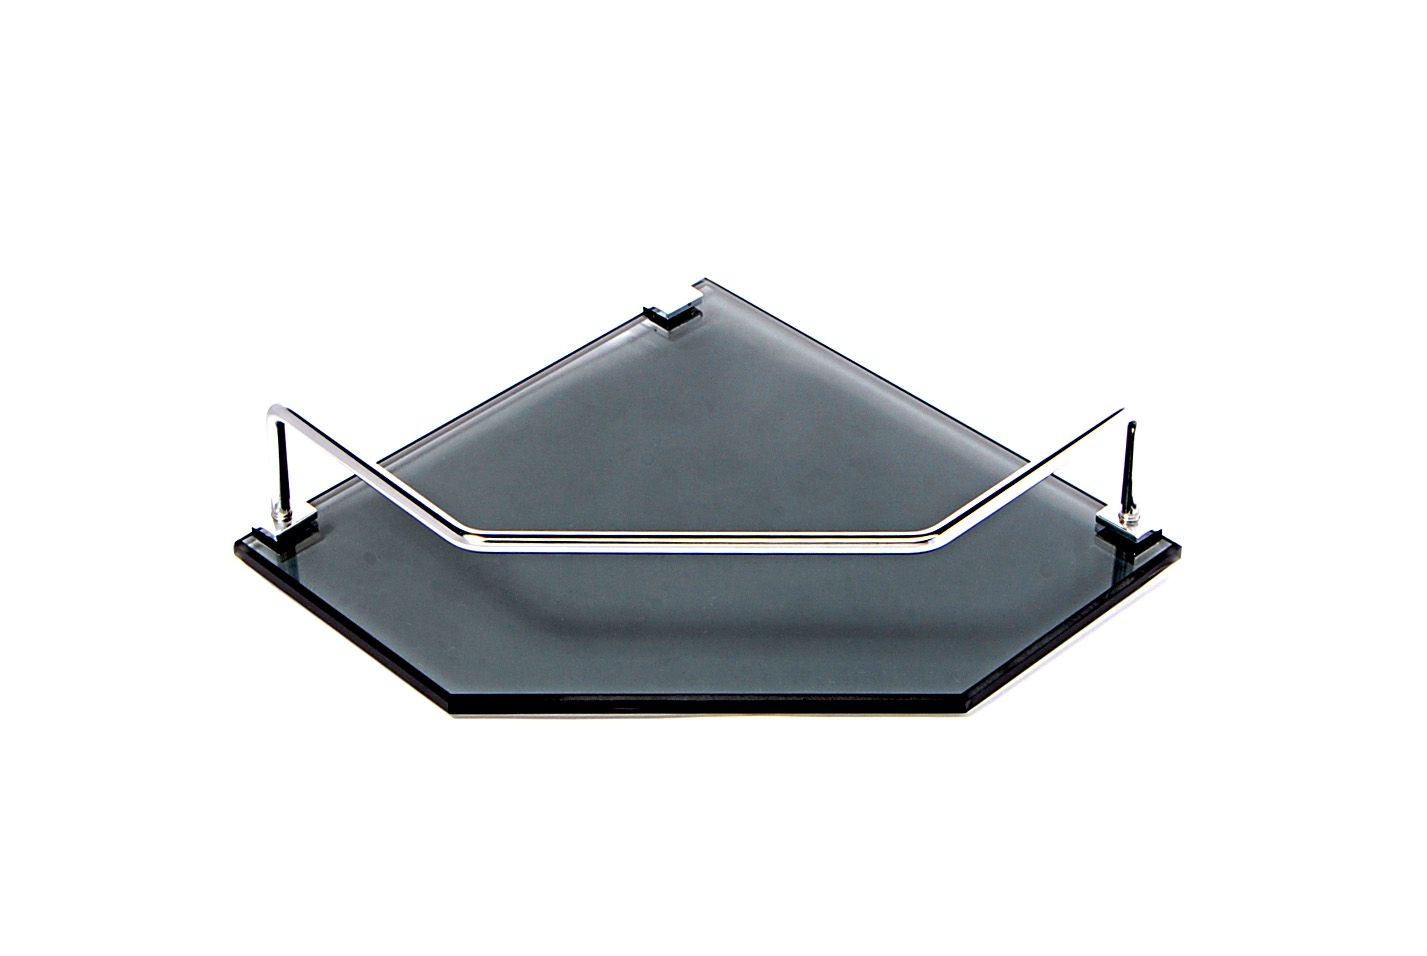 Porta Shampoo de Canto Reto em Vidro Fumê Lapidado - Aquabox  - 20cmx20cmx8mm